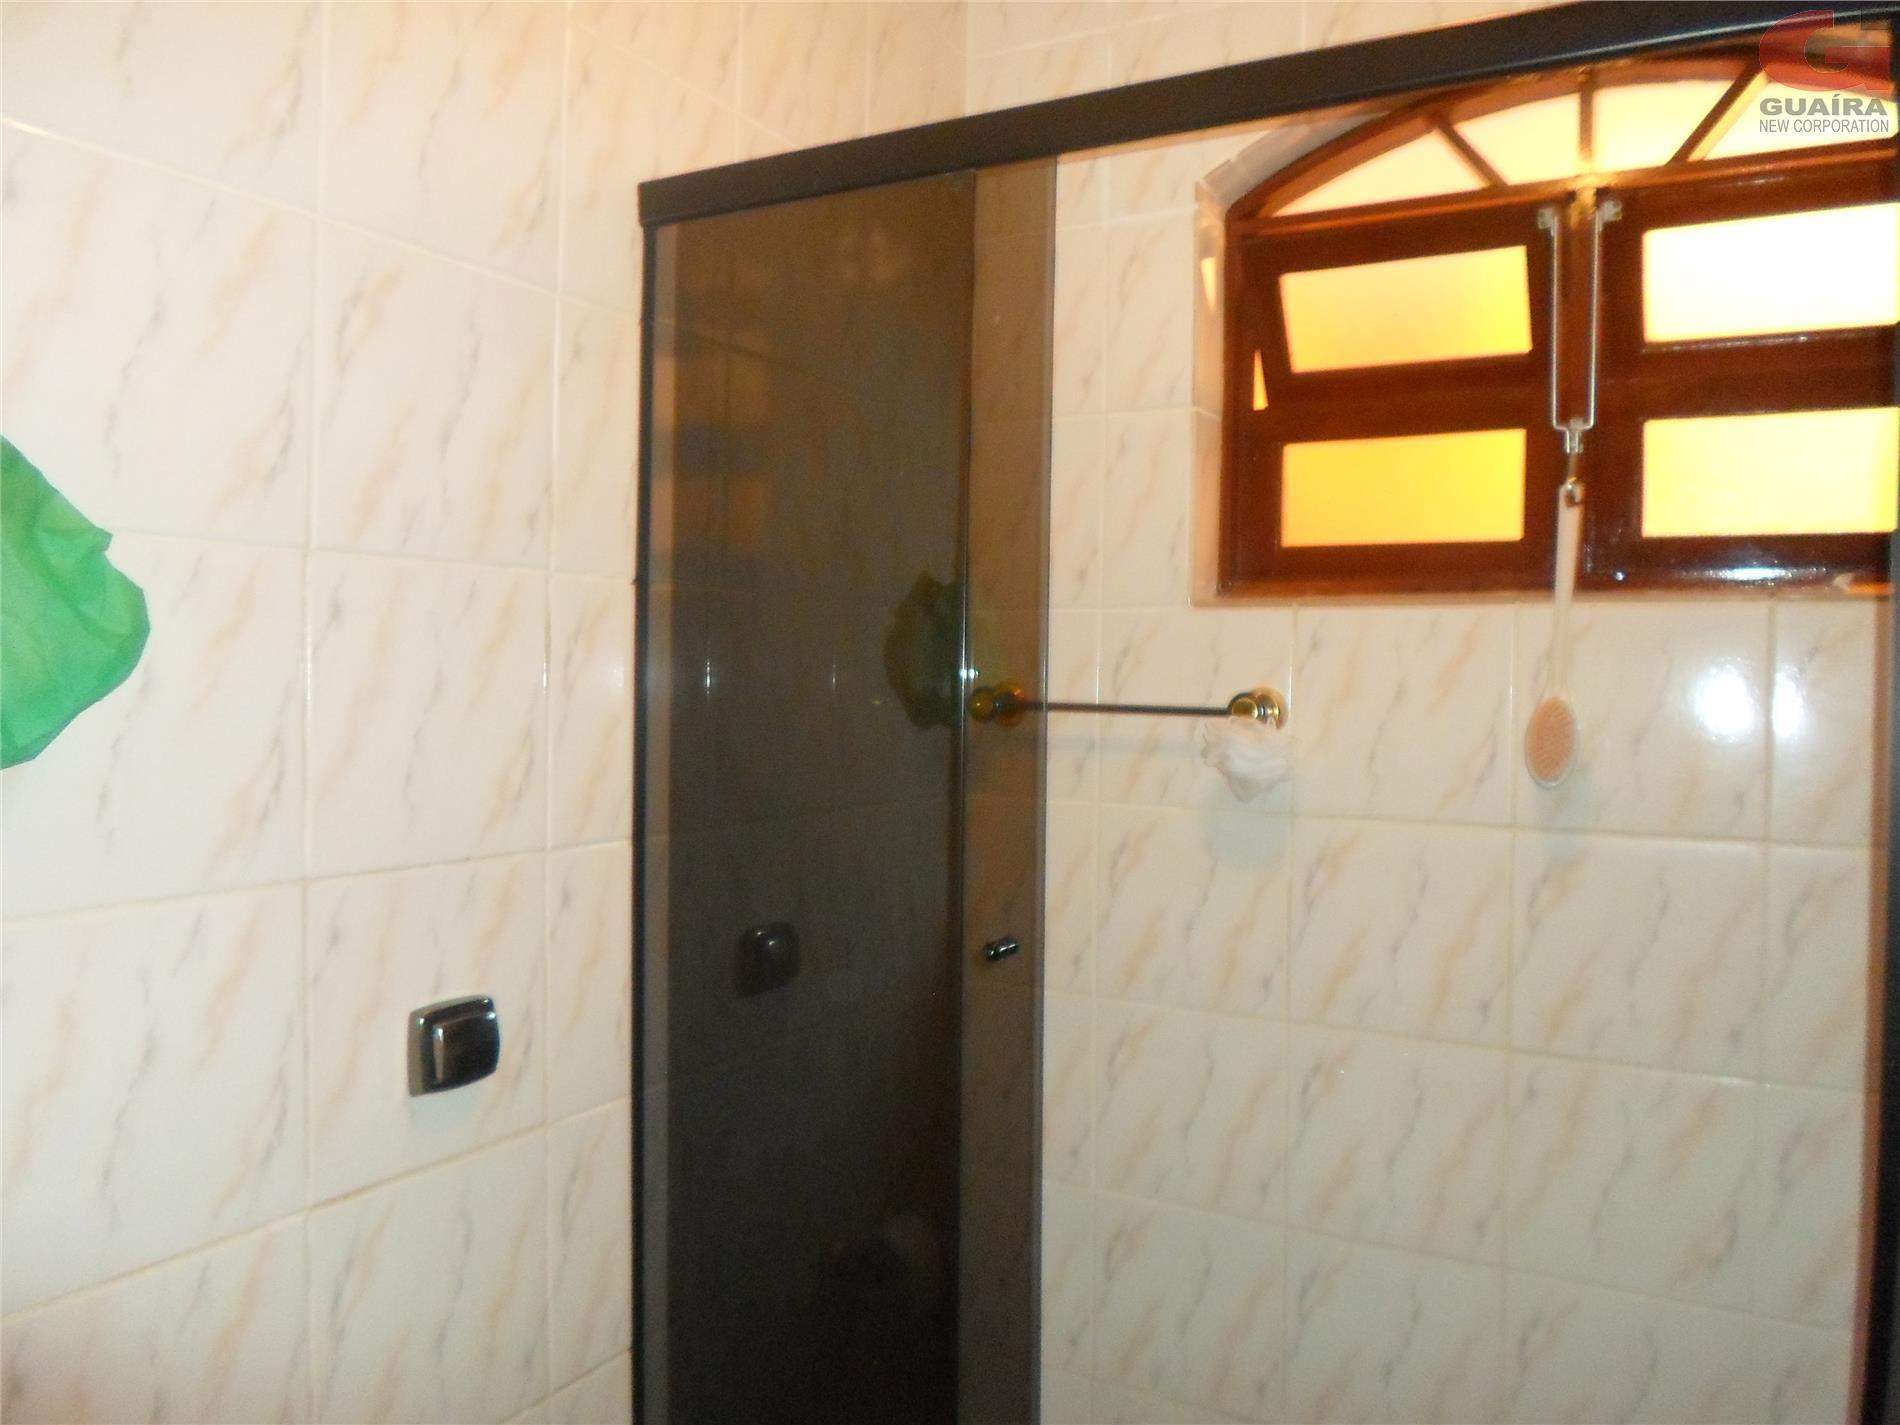 Sobrado de 2 dormitórios à venda em Assunção, São Bernardo Do Campo - SP